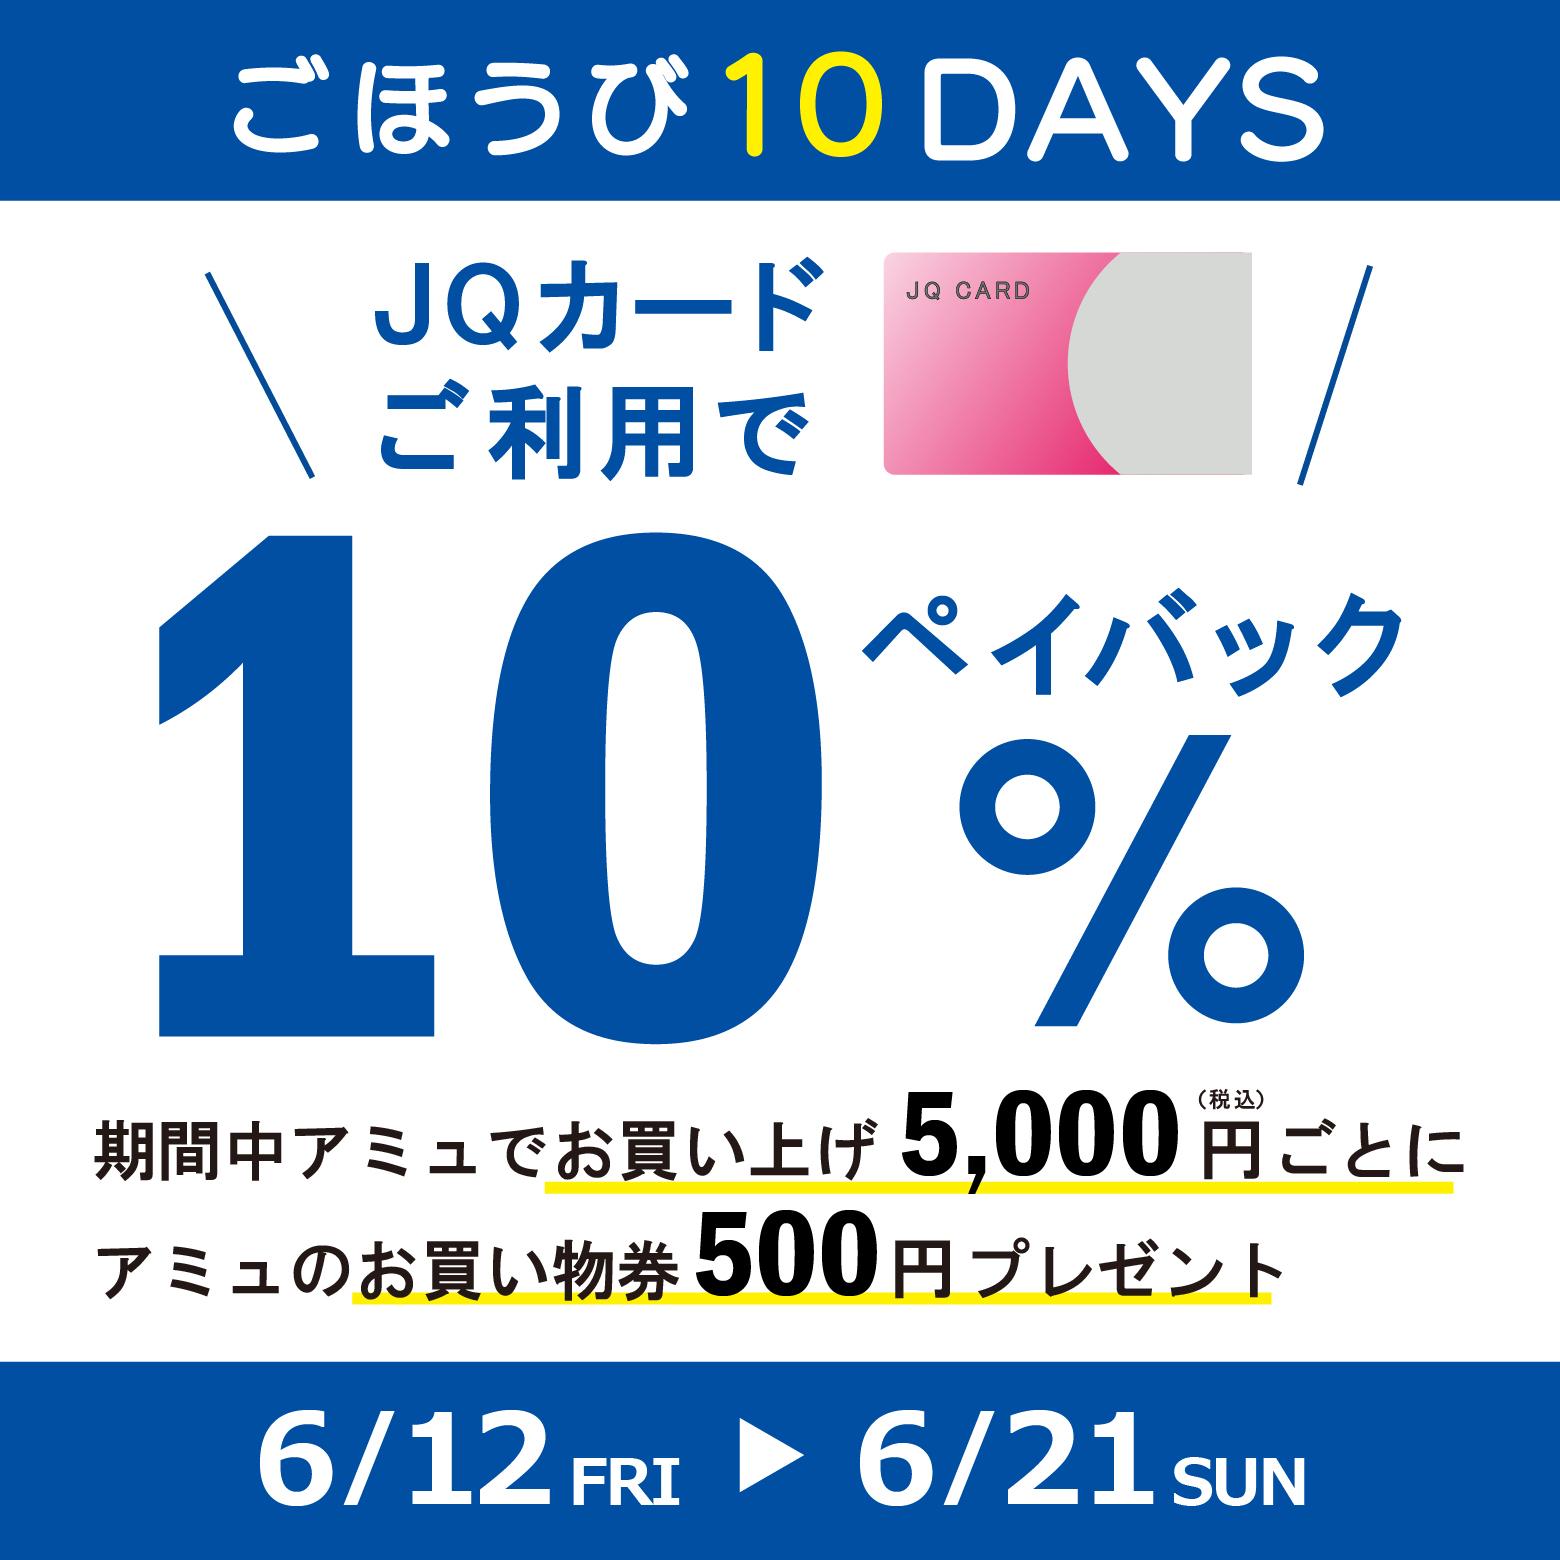 【アミュ長崎店】ごほうび10DAYS JQカード10%ペイバック開催!